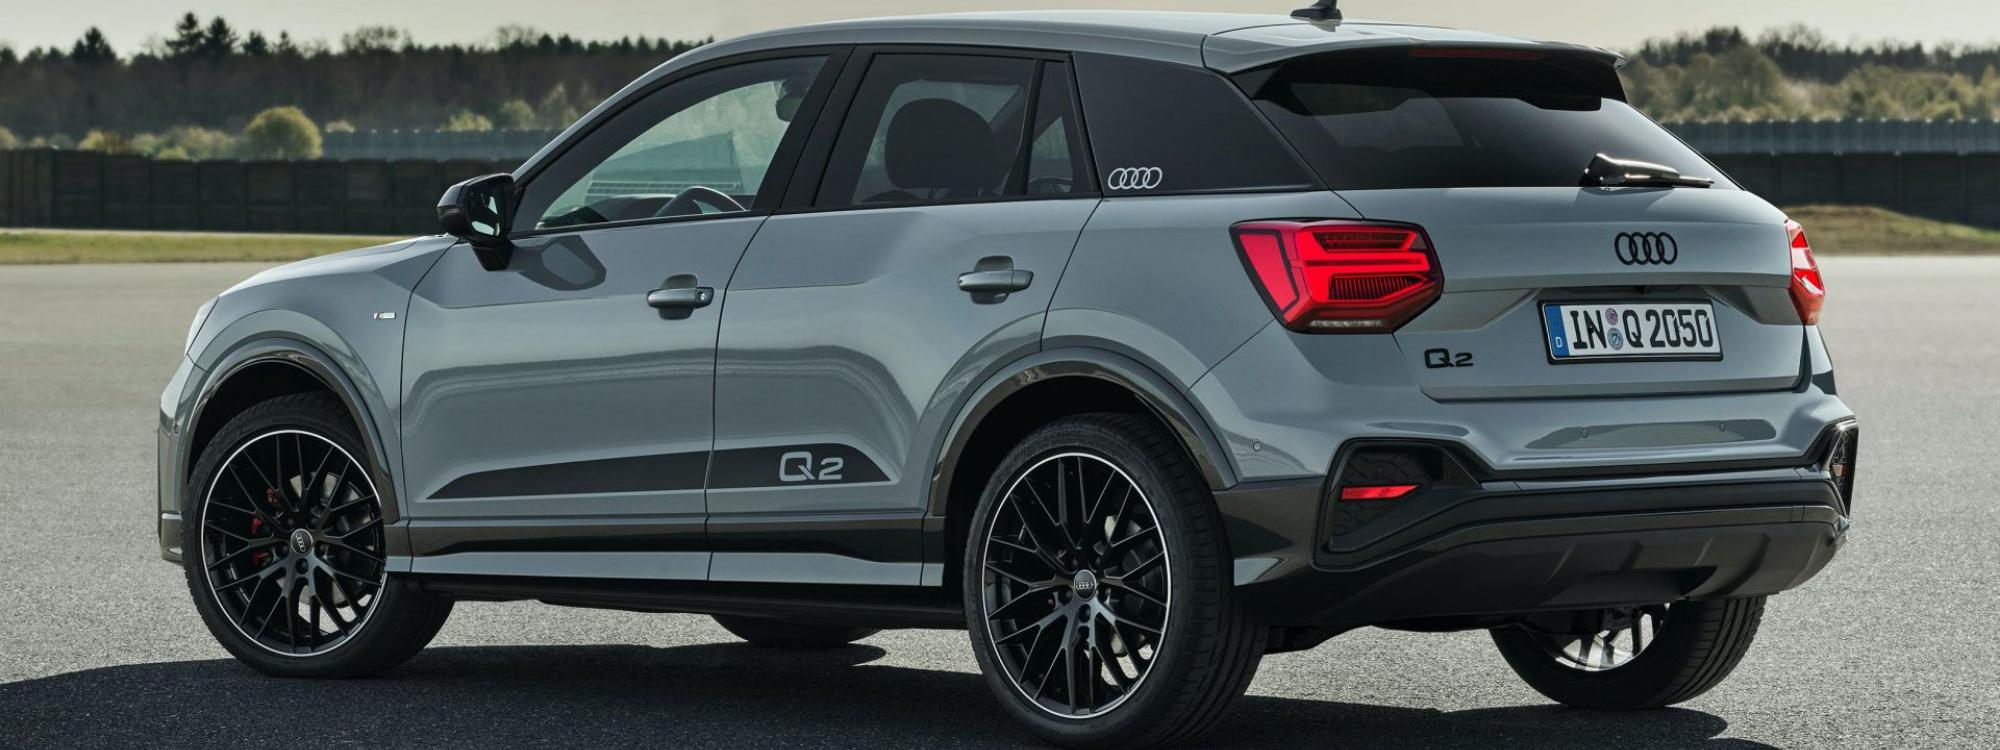 Audi presentó la nueva versión de su crossover Q2